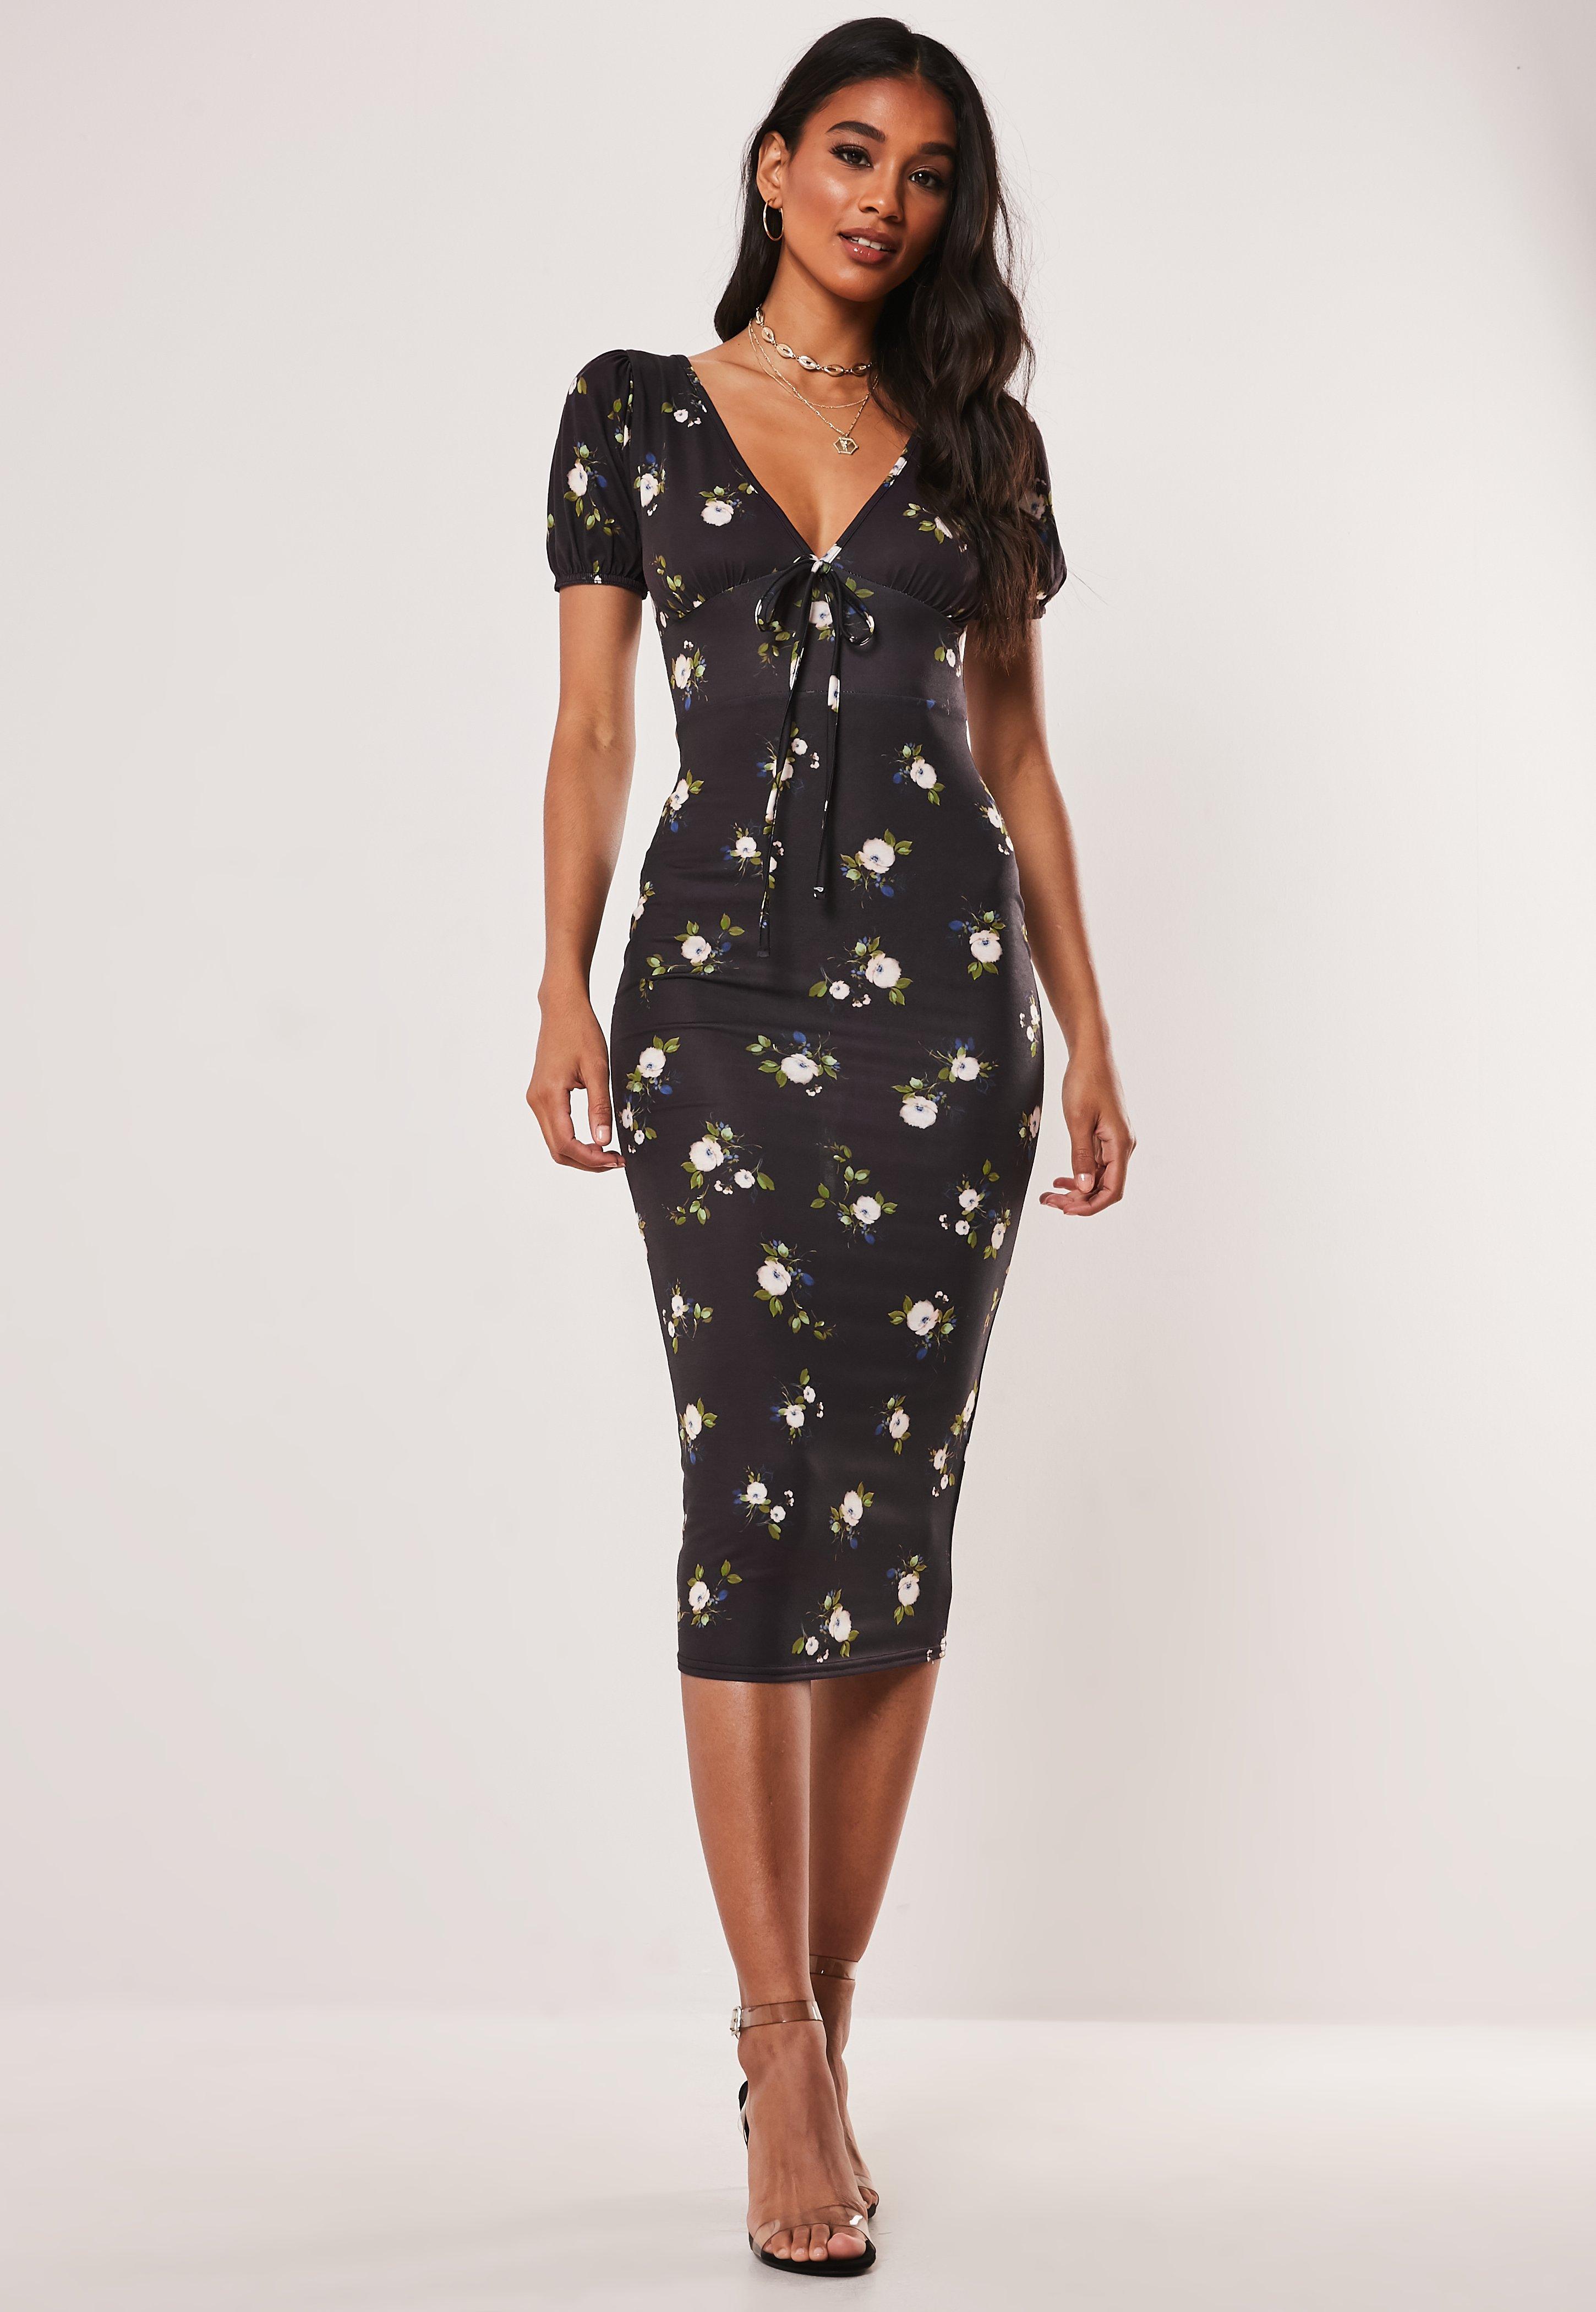 00394b5c3d12 Deep V Neck Dress - Plunging Neckline Dresses | Missguided